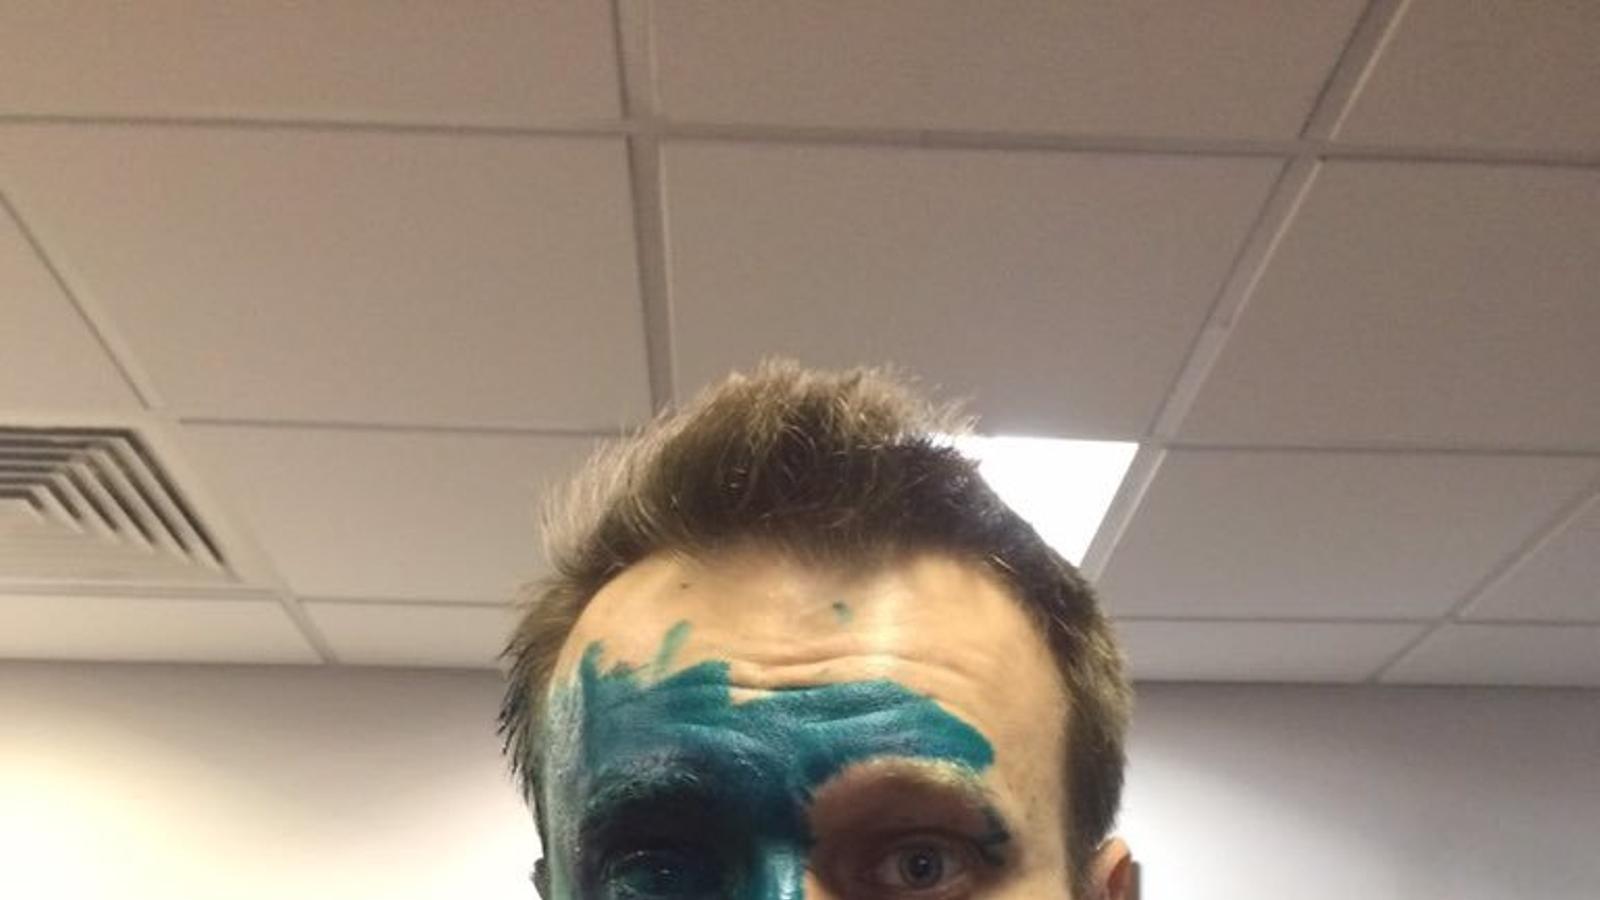 L'opositor rus Aleksei Navalni, atacat amb una substància verda